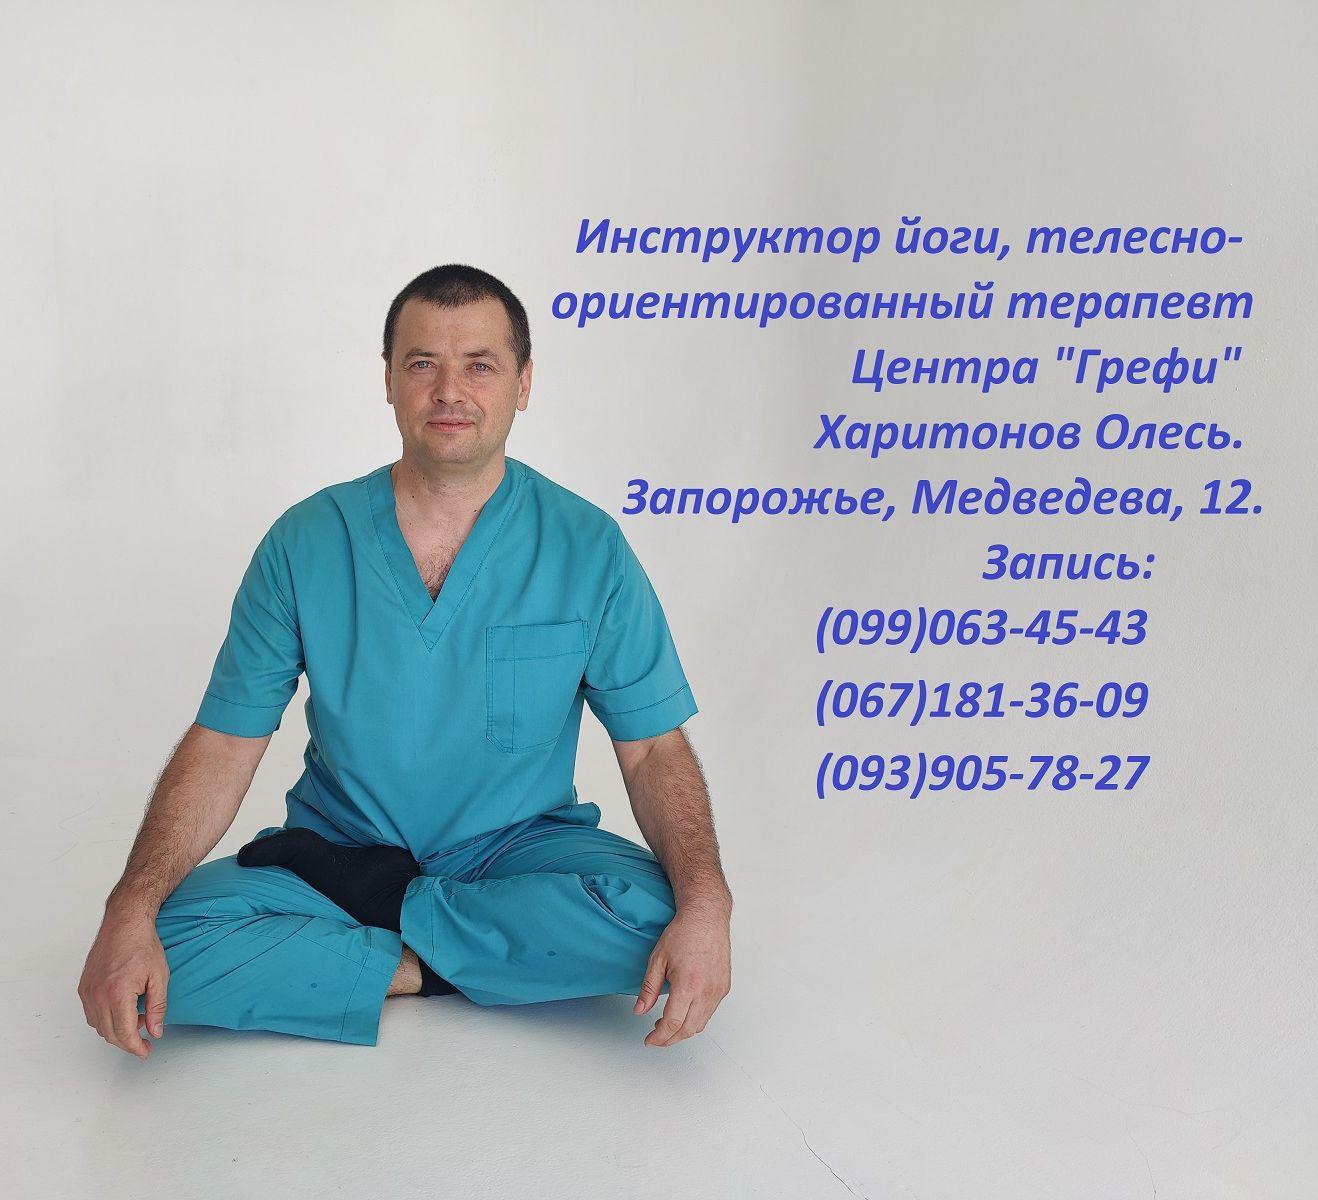 Инструктор йоги Центра Грефи Запорожье